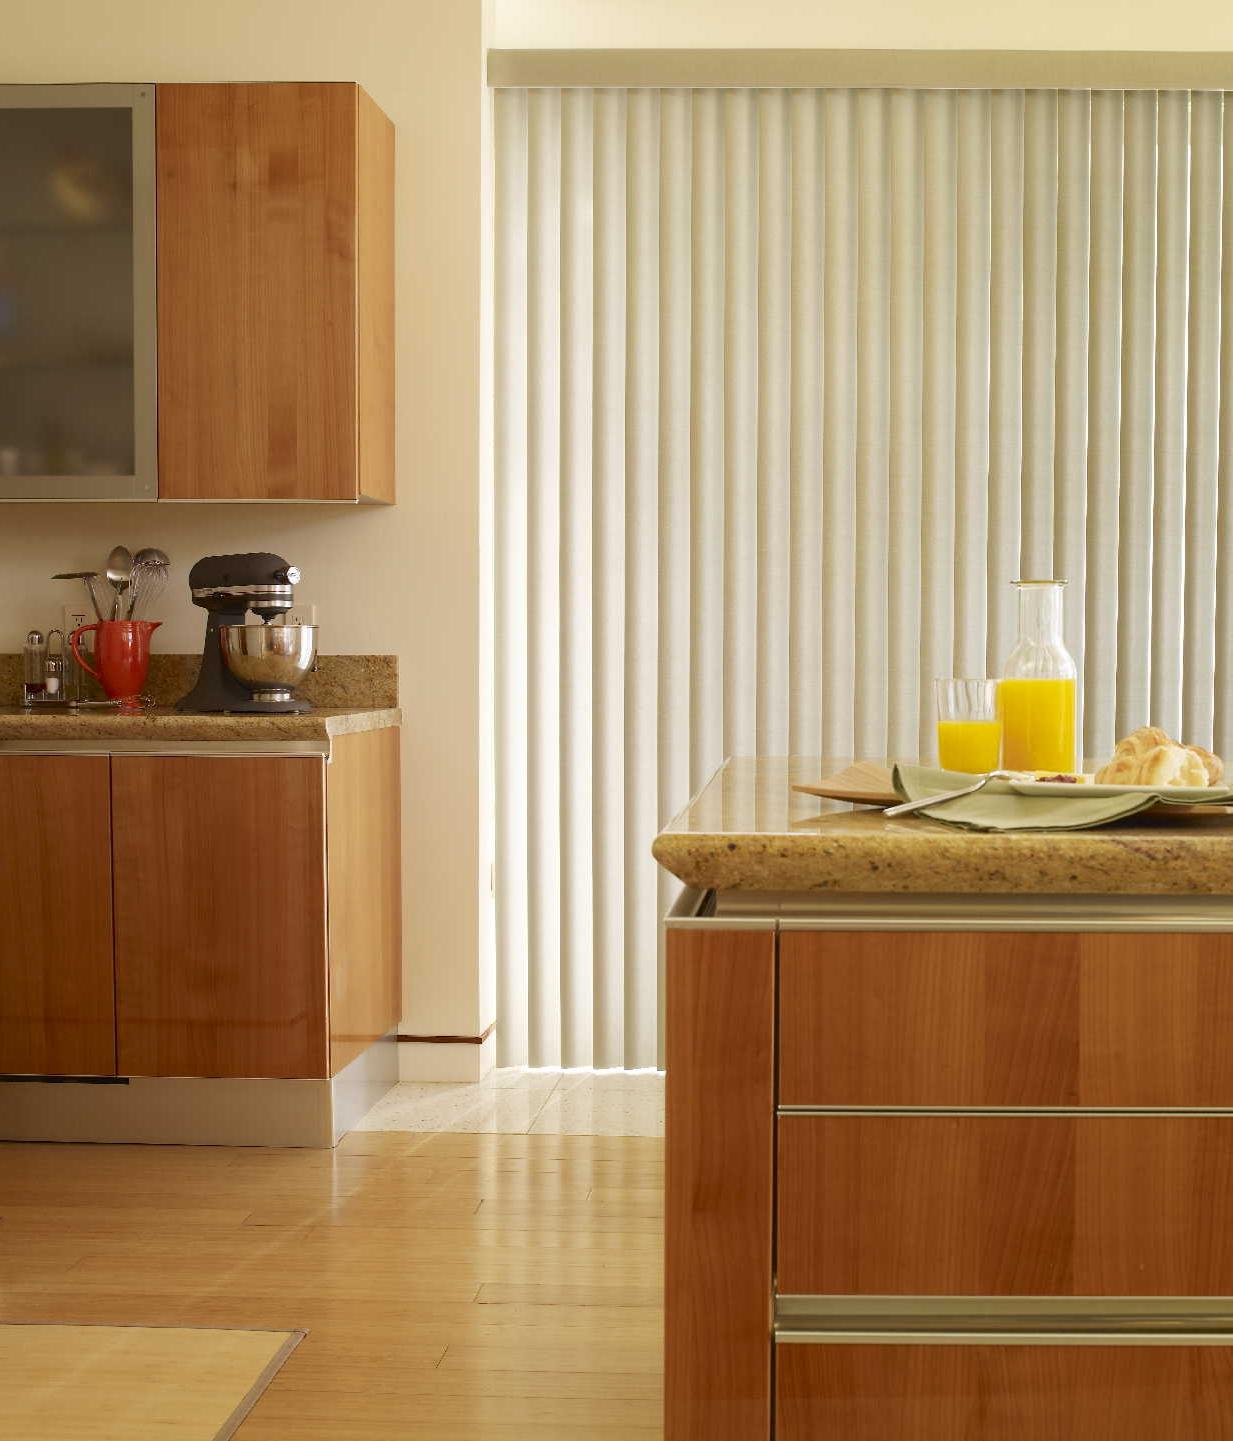 clean laminate floor with wooden kitchen set plus white vinyl window blind design photo